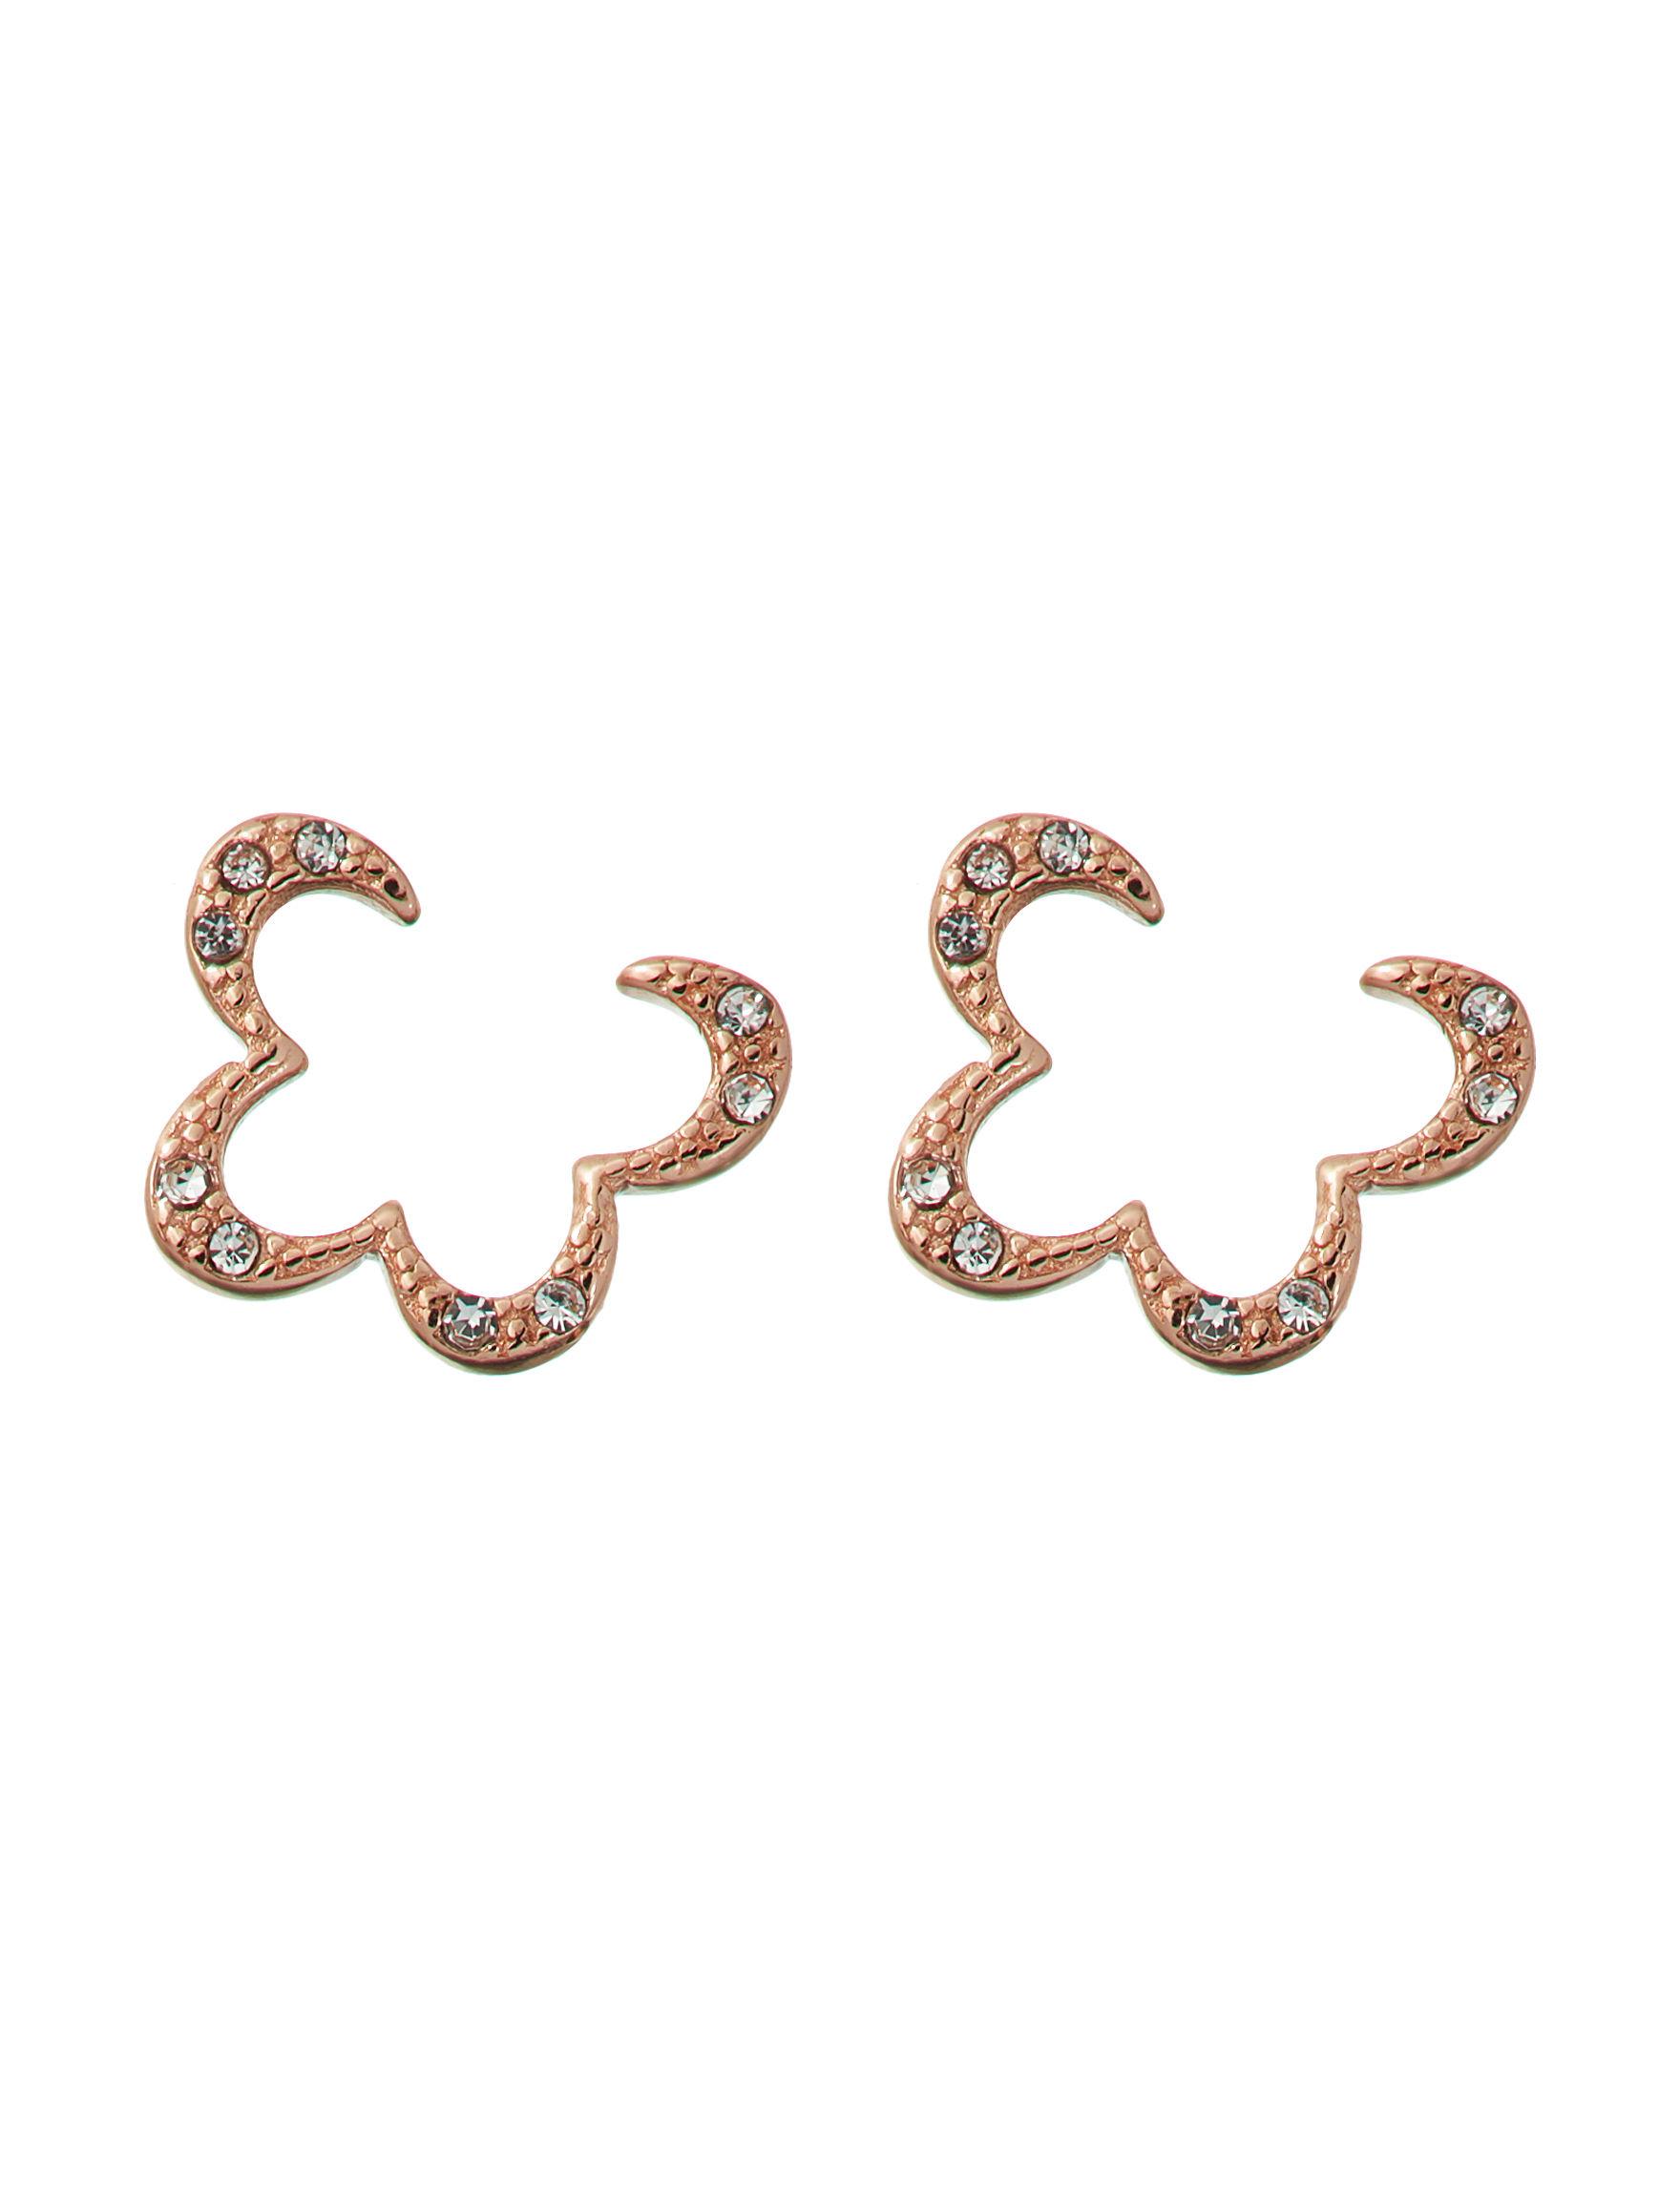 Marsala Rose Gold Studs Earrings Fine Jewelry